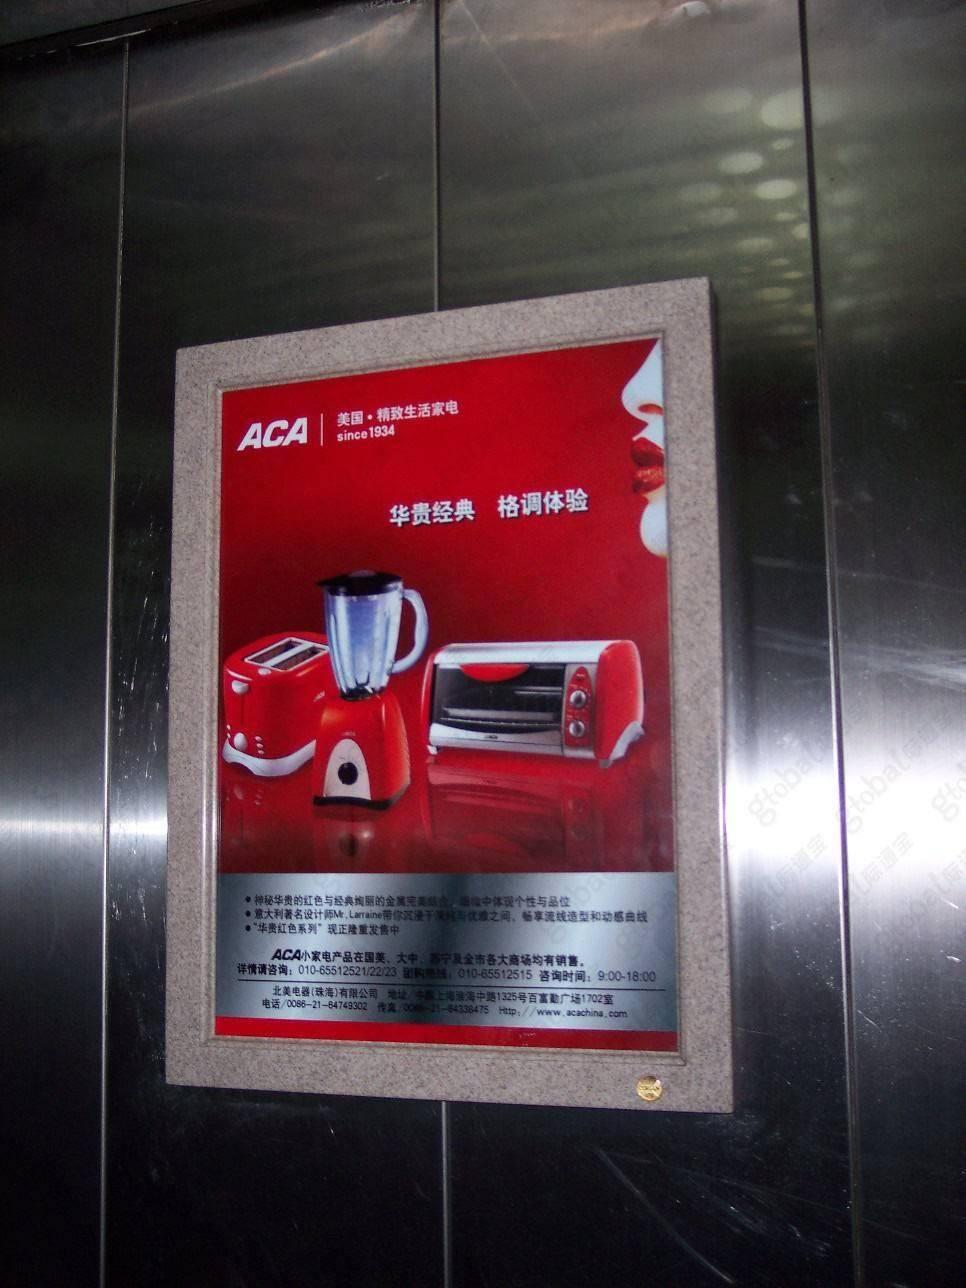 张家口电梯广告公司广告牌框架3.0投放(100框起投)